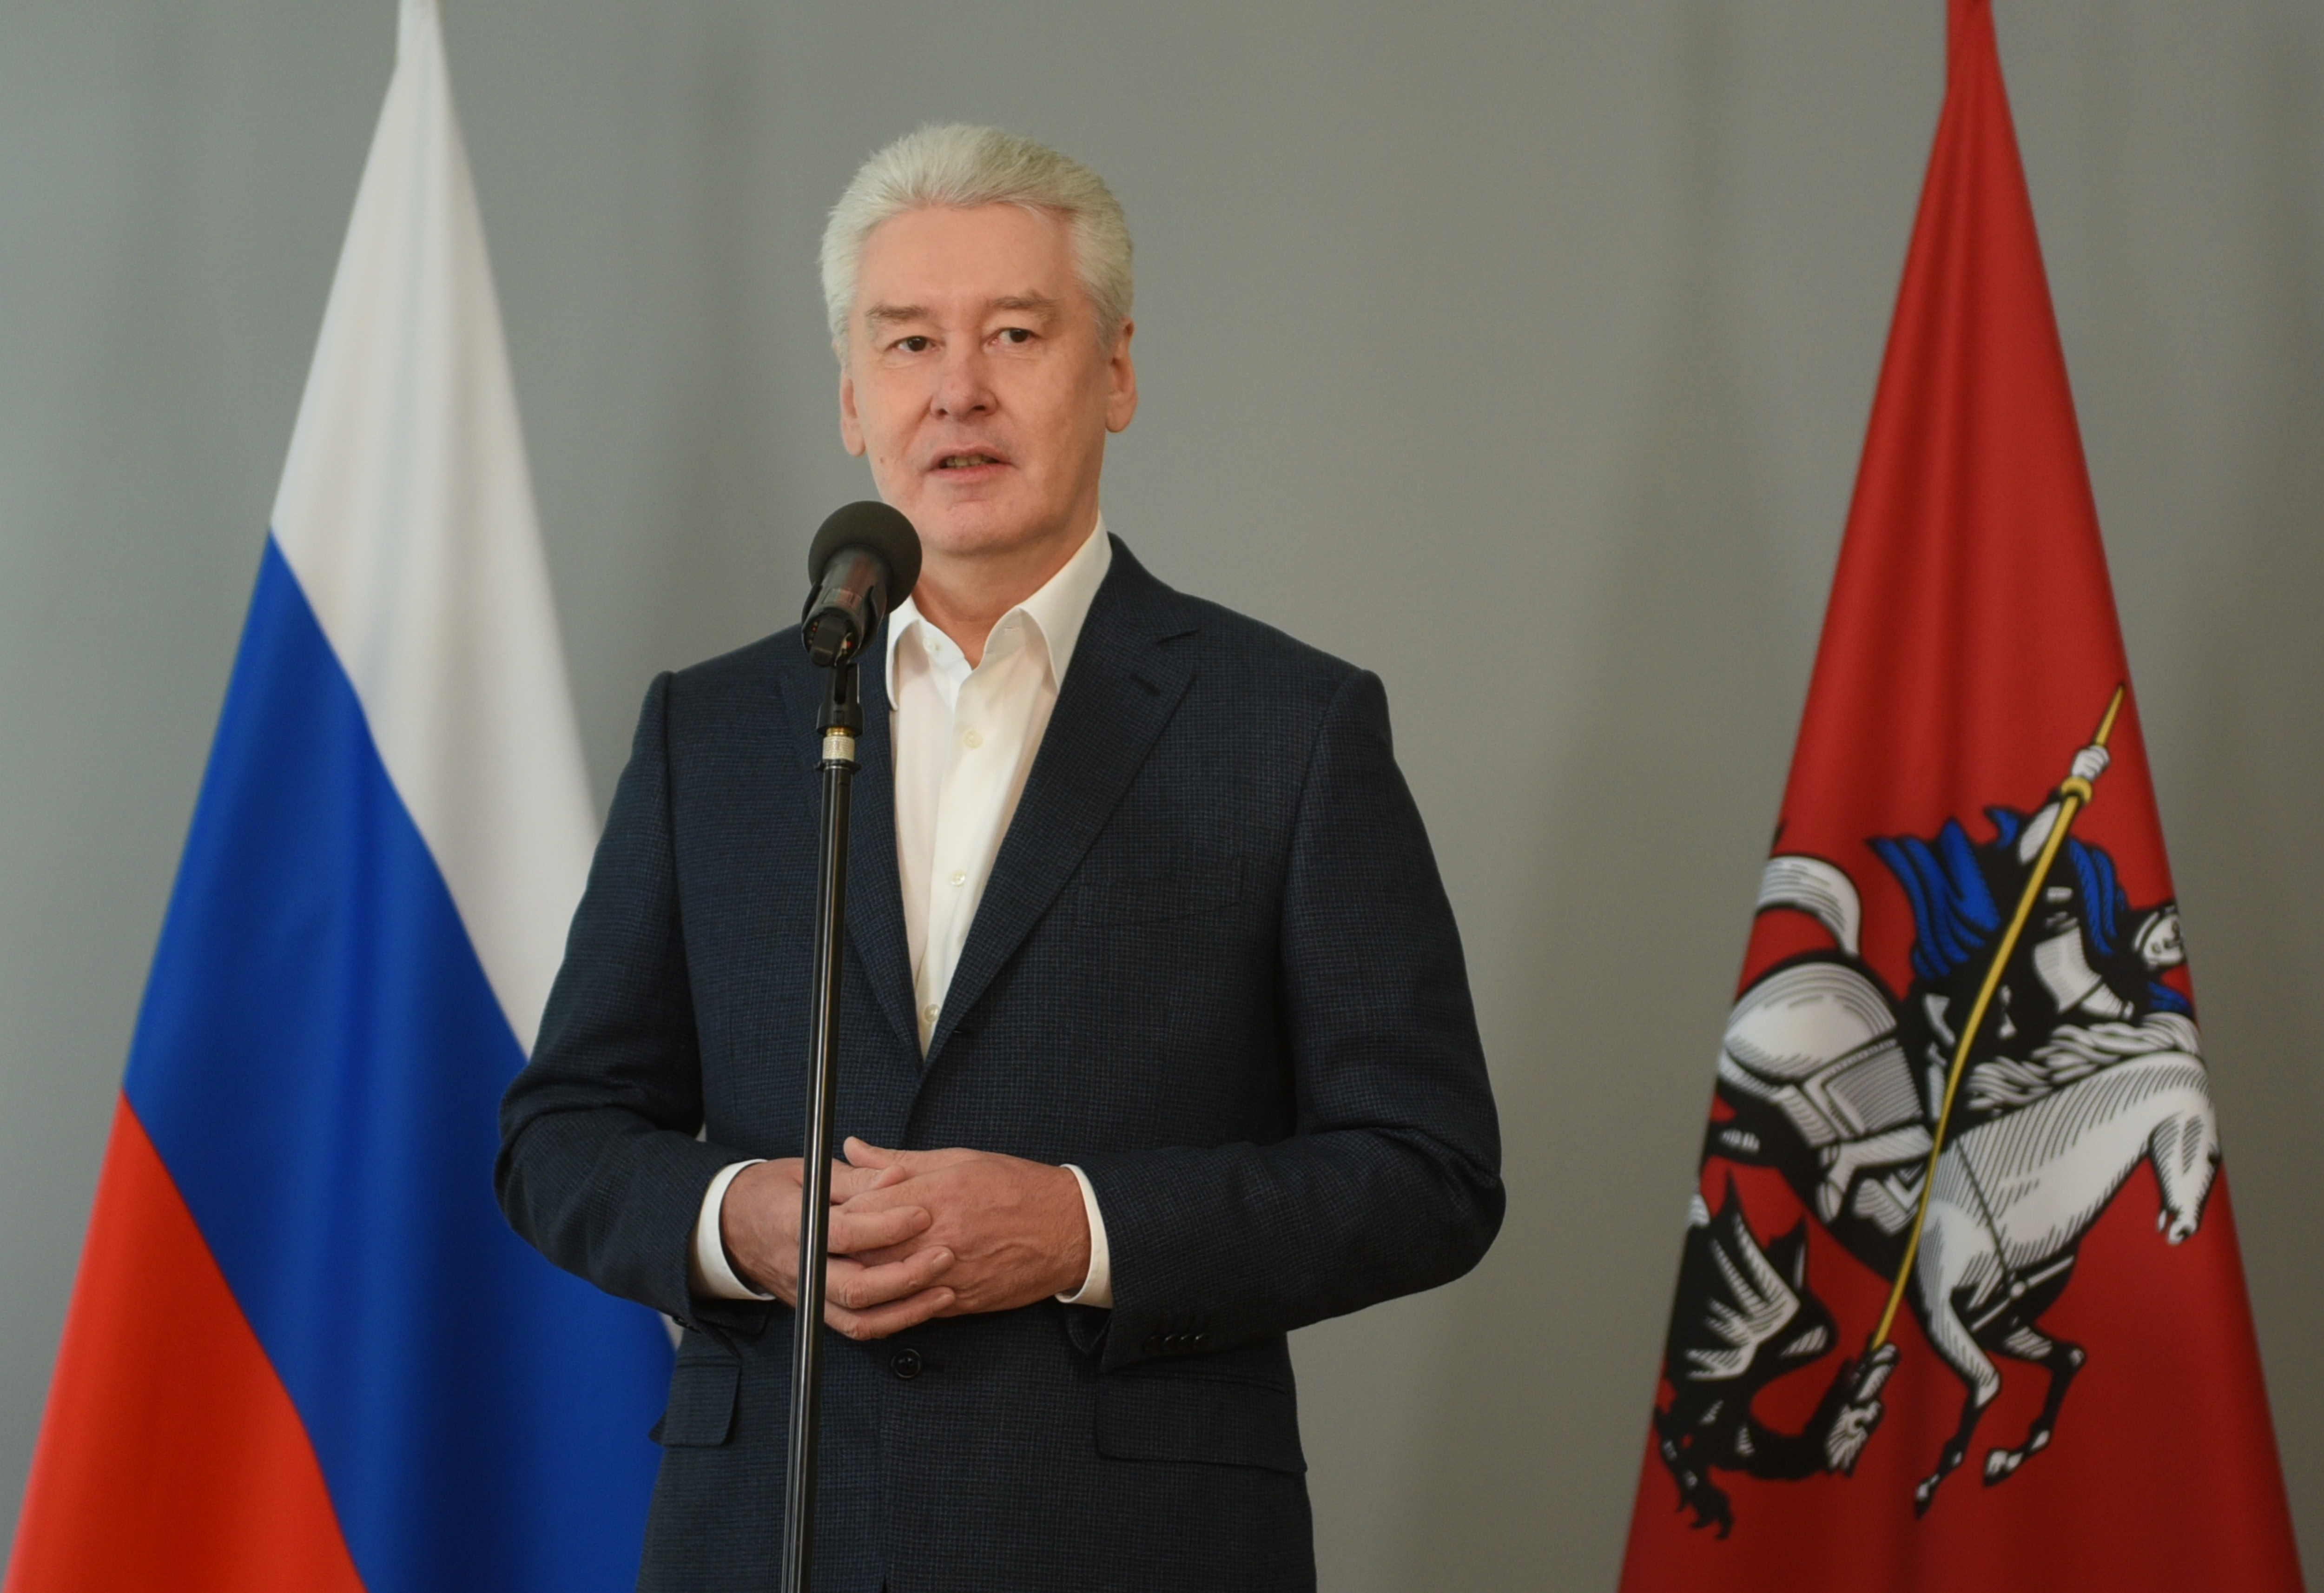 Собянин рассказал о ходе программы «Мой район» в Чертанове Центральном